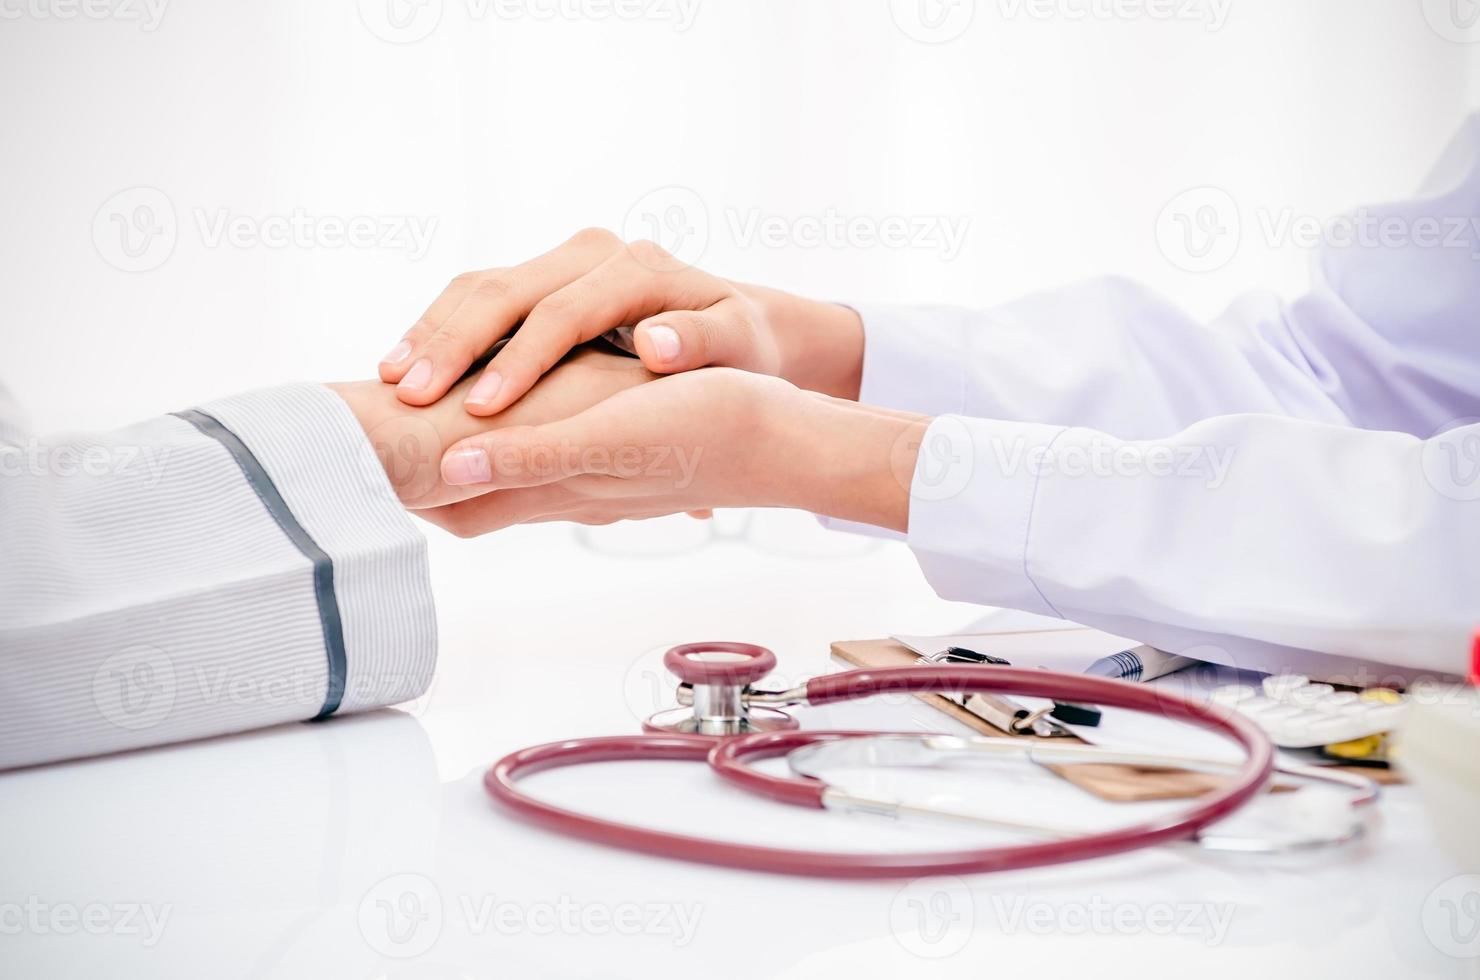 consulta médica com paciente foto